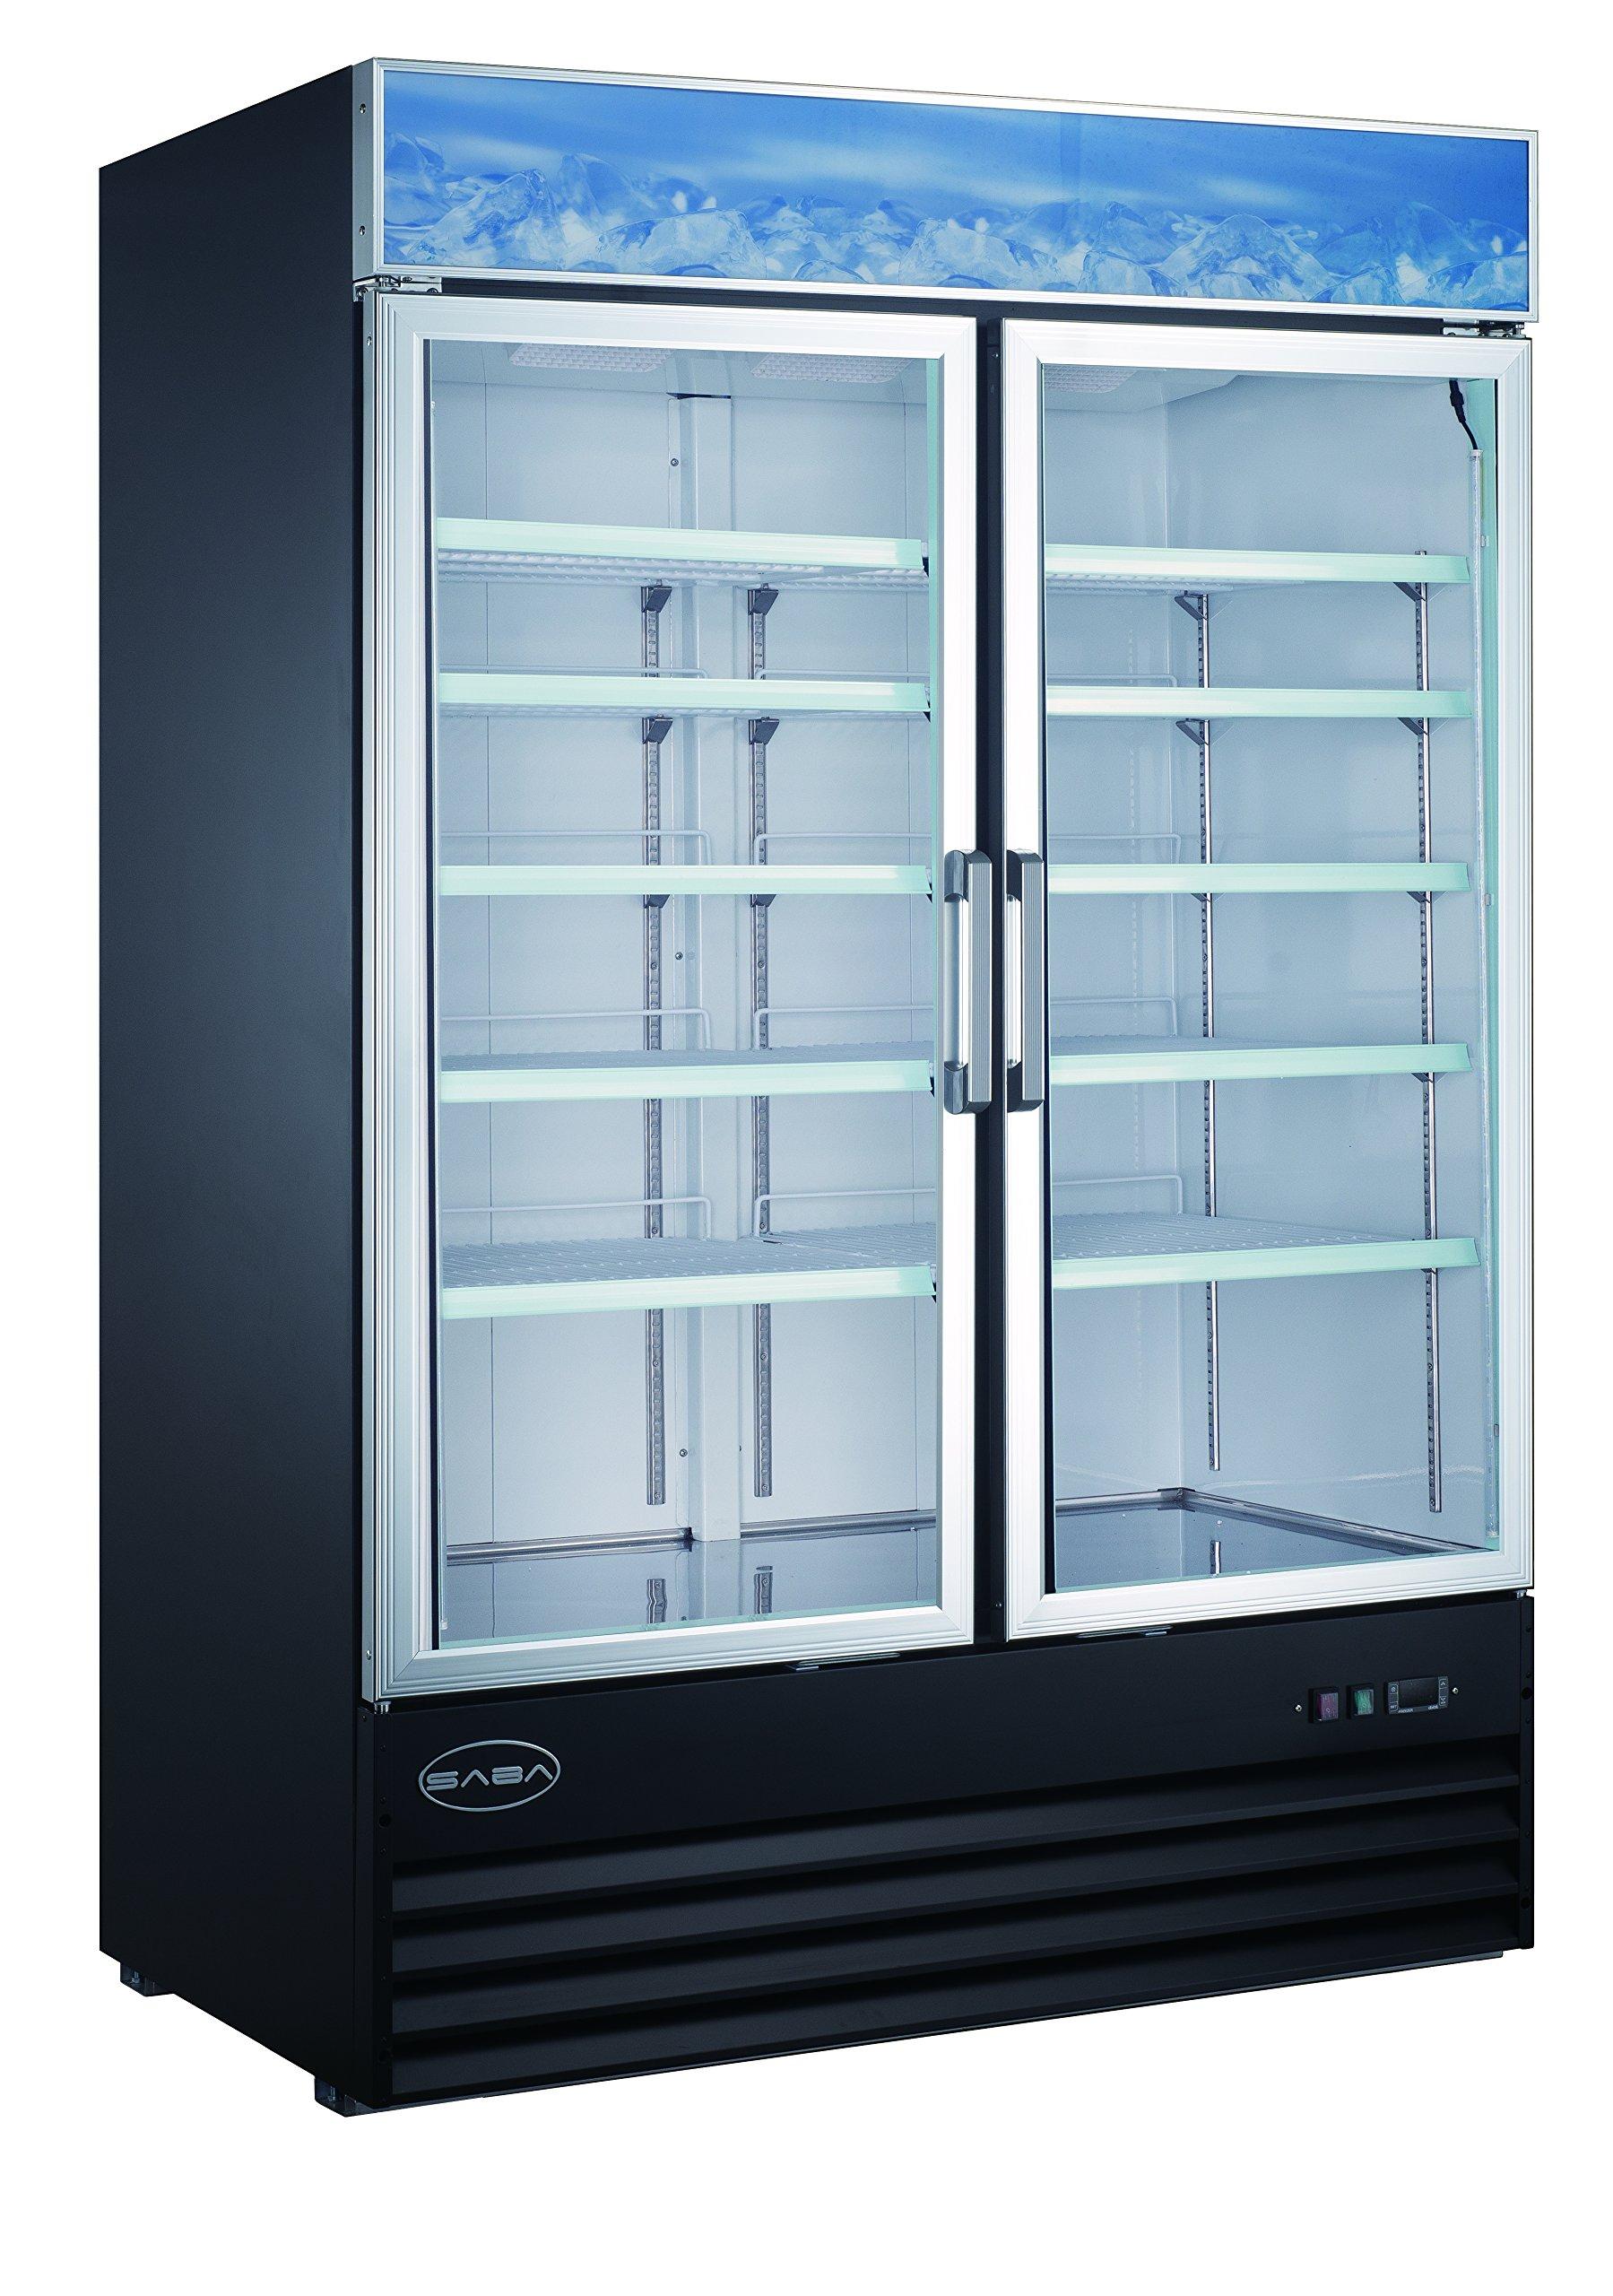 SABA Two Glass Door Reach-In Freezer Merchandiser Display Case